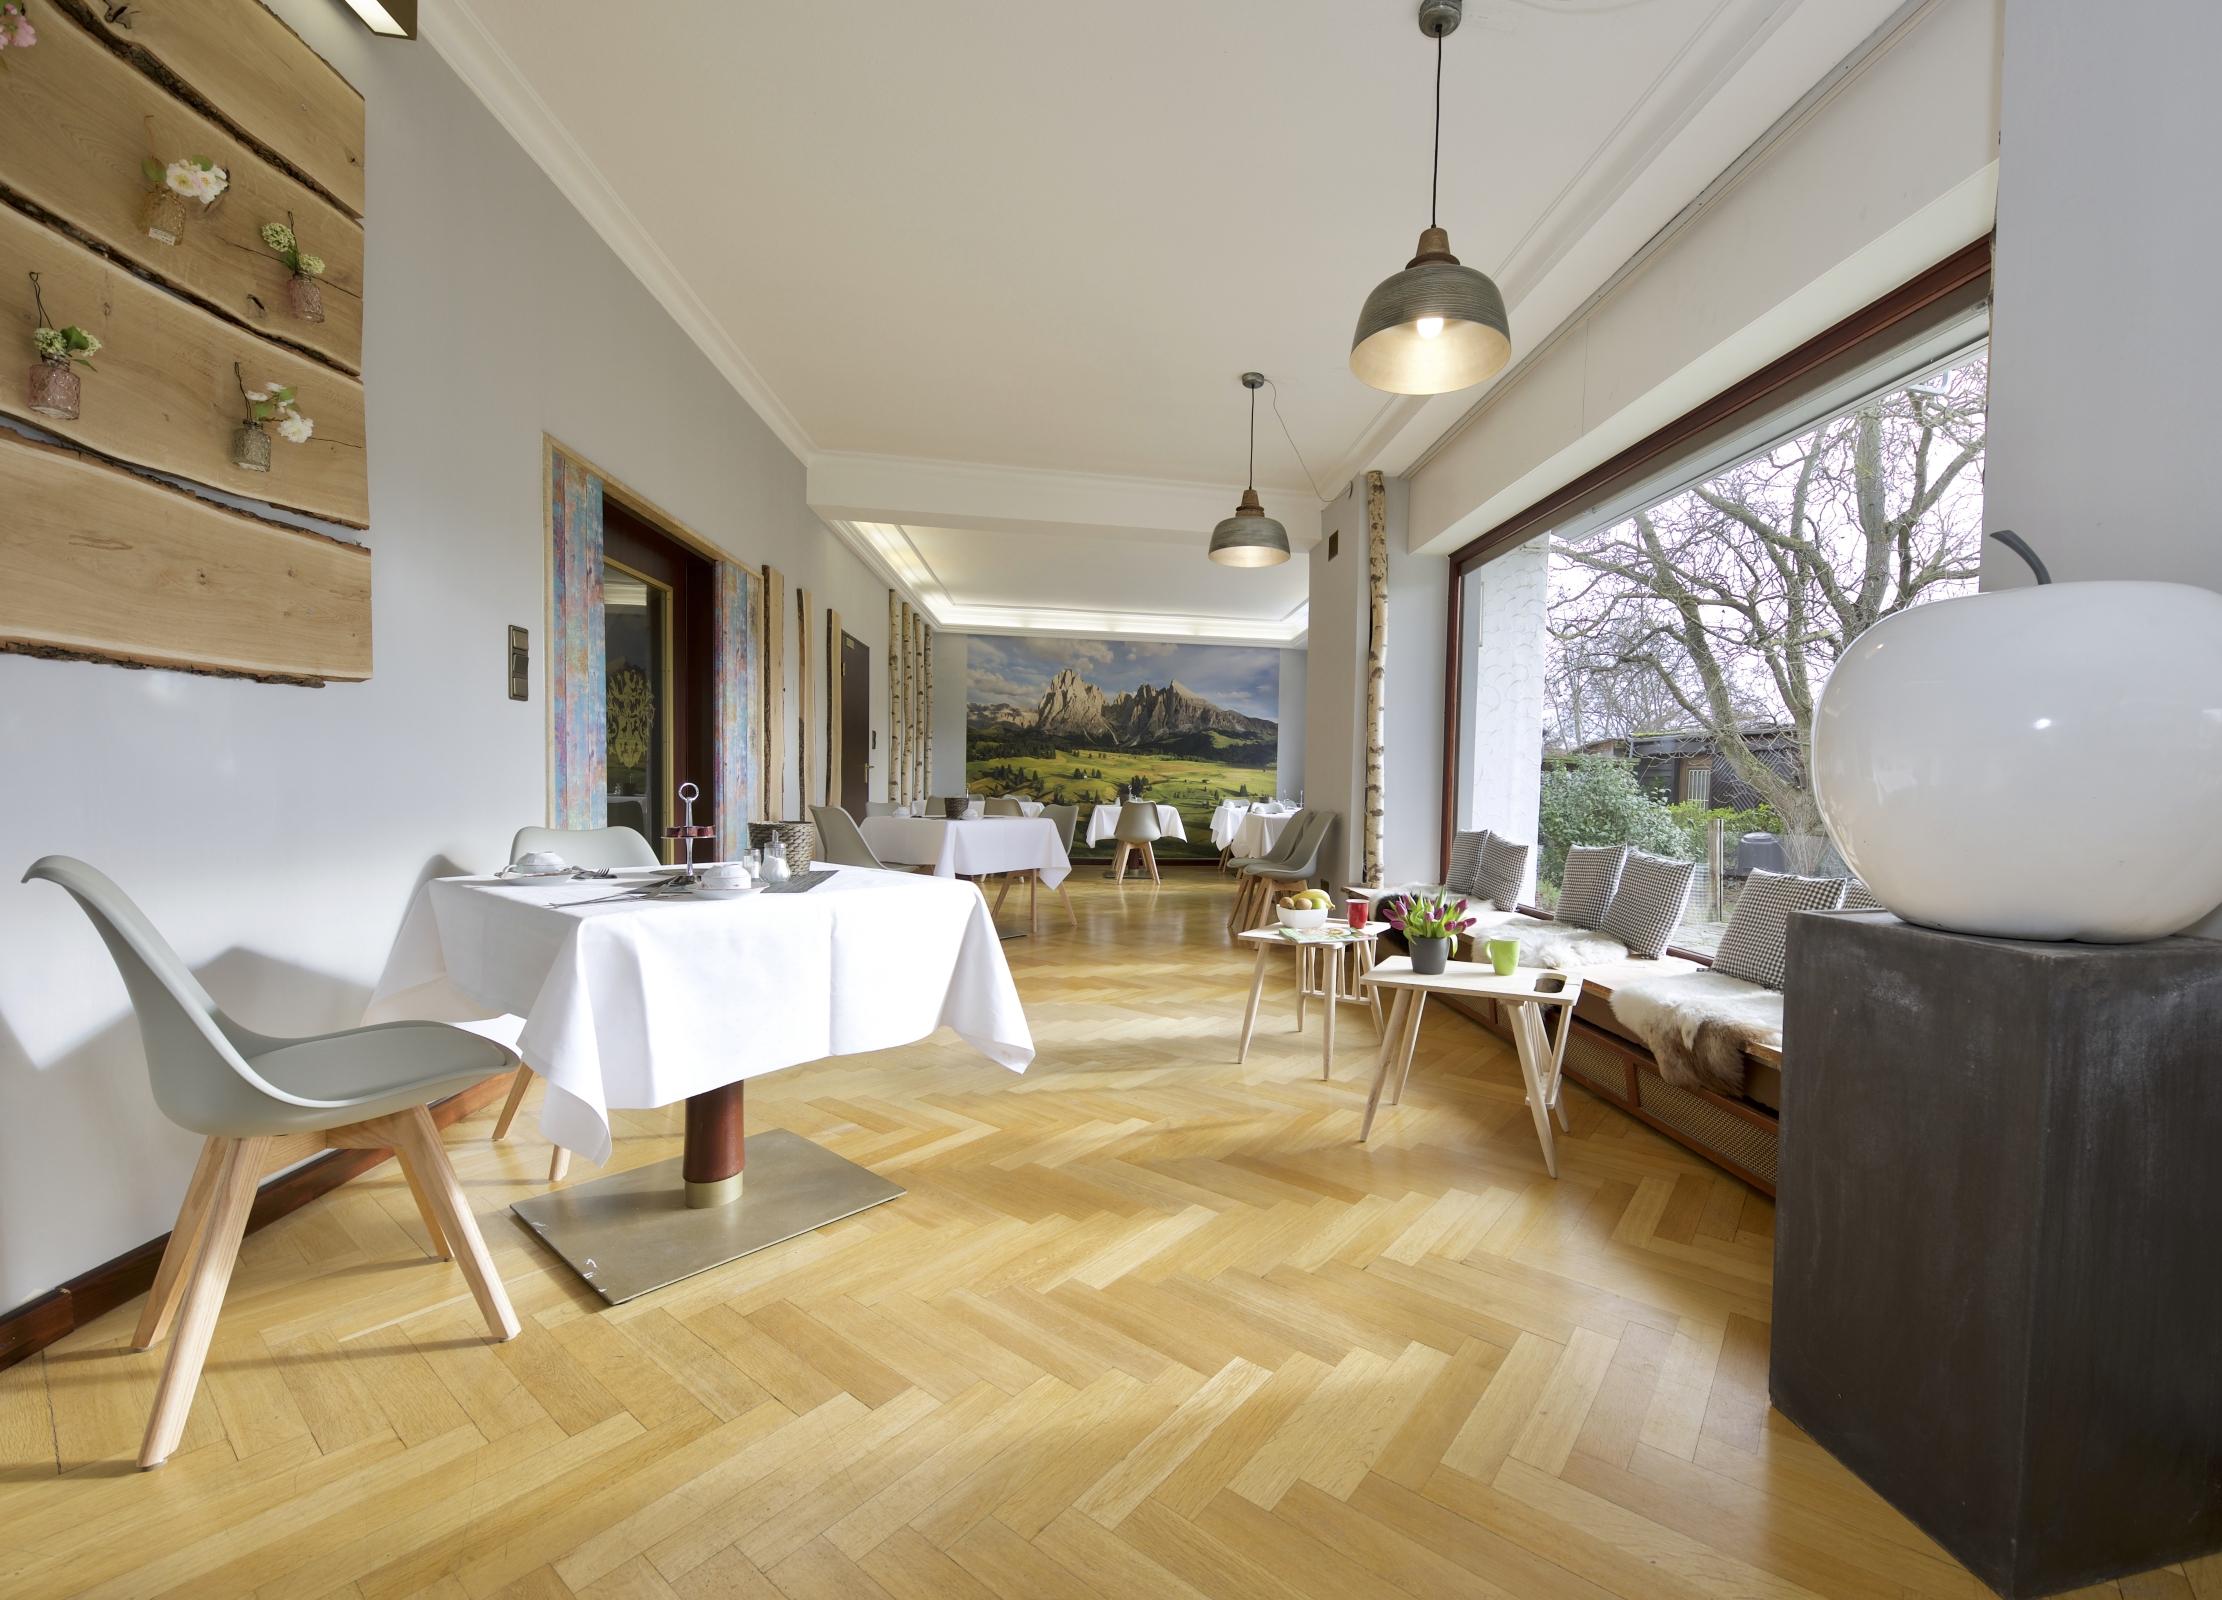 Hotel Blesius Garten Trier Genial Hotel Avenida by Zwei&vierzig 3 Hrs Star Hotel In Bad